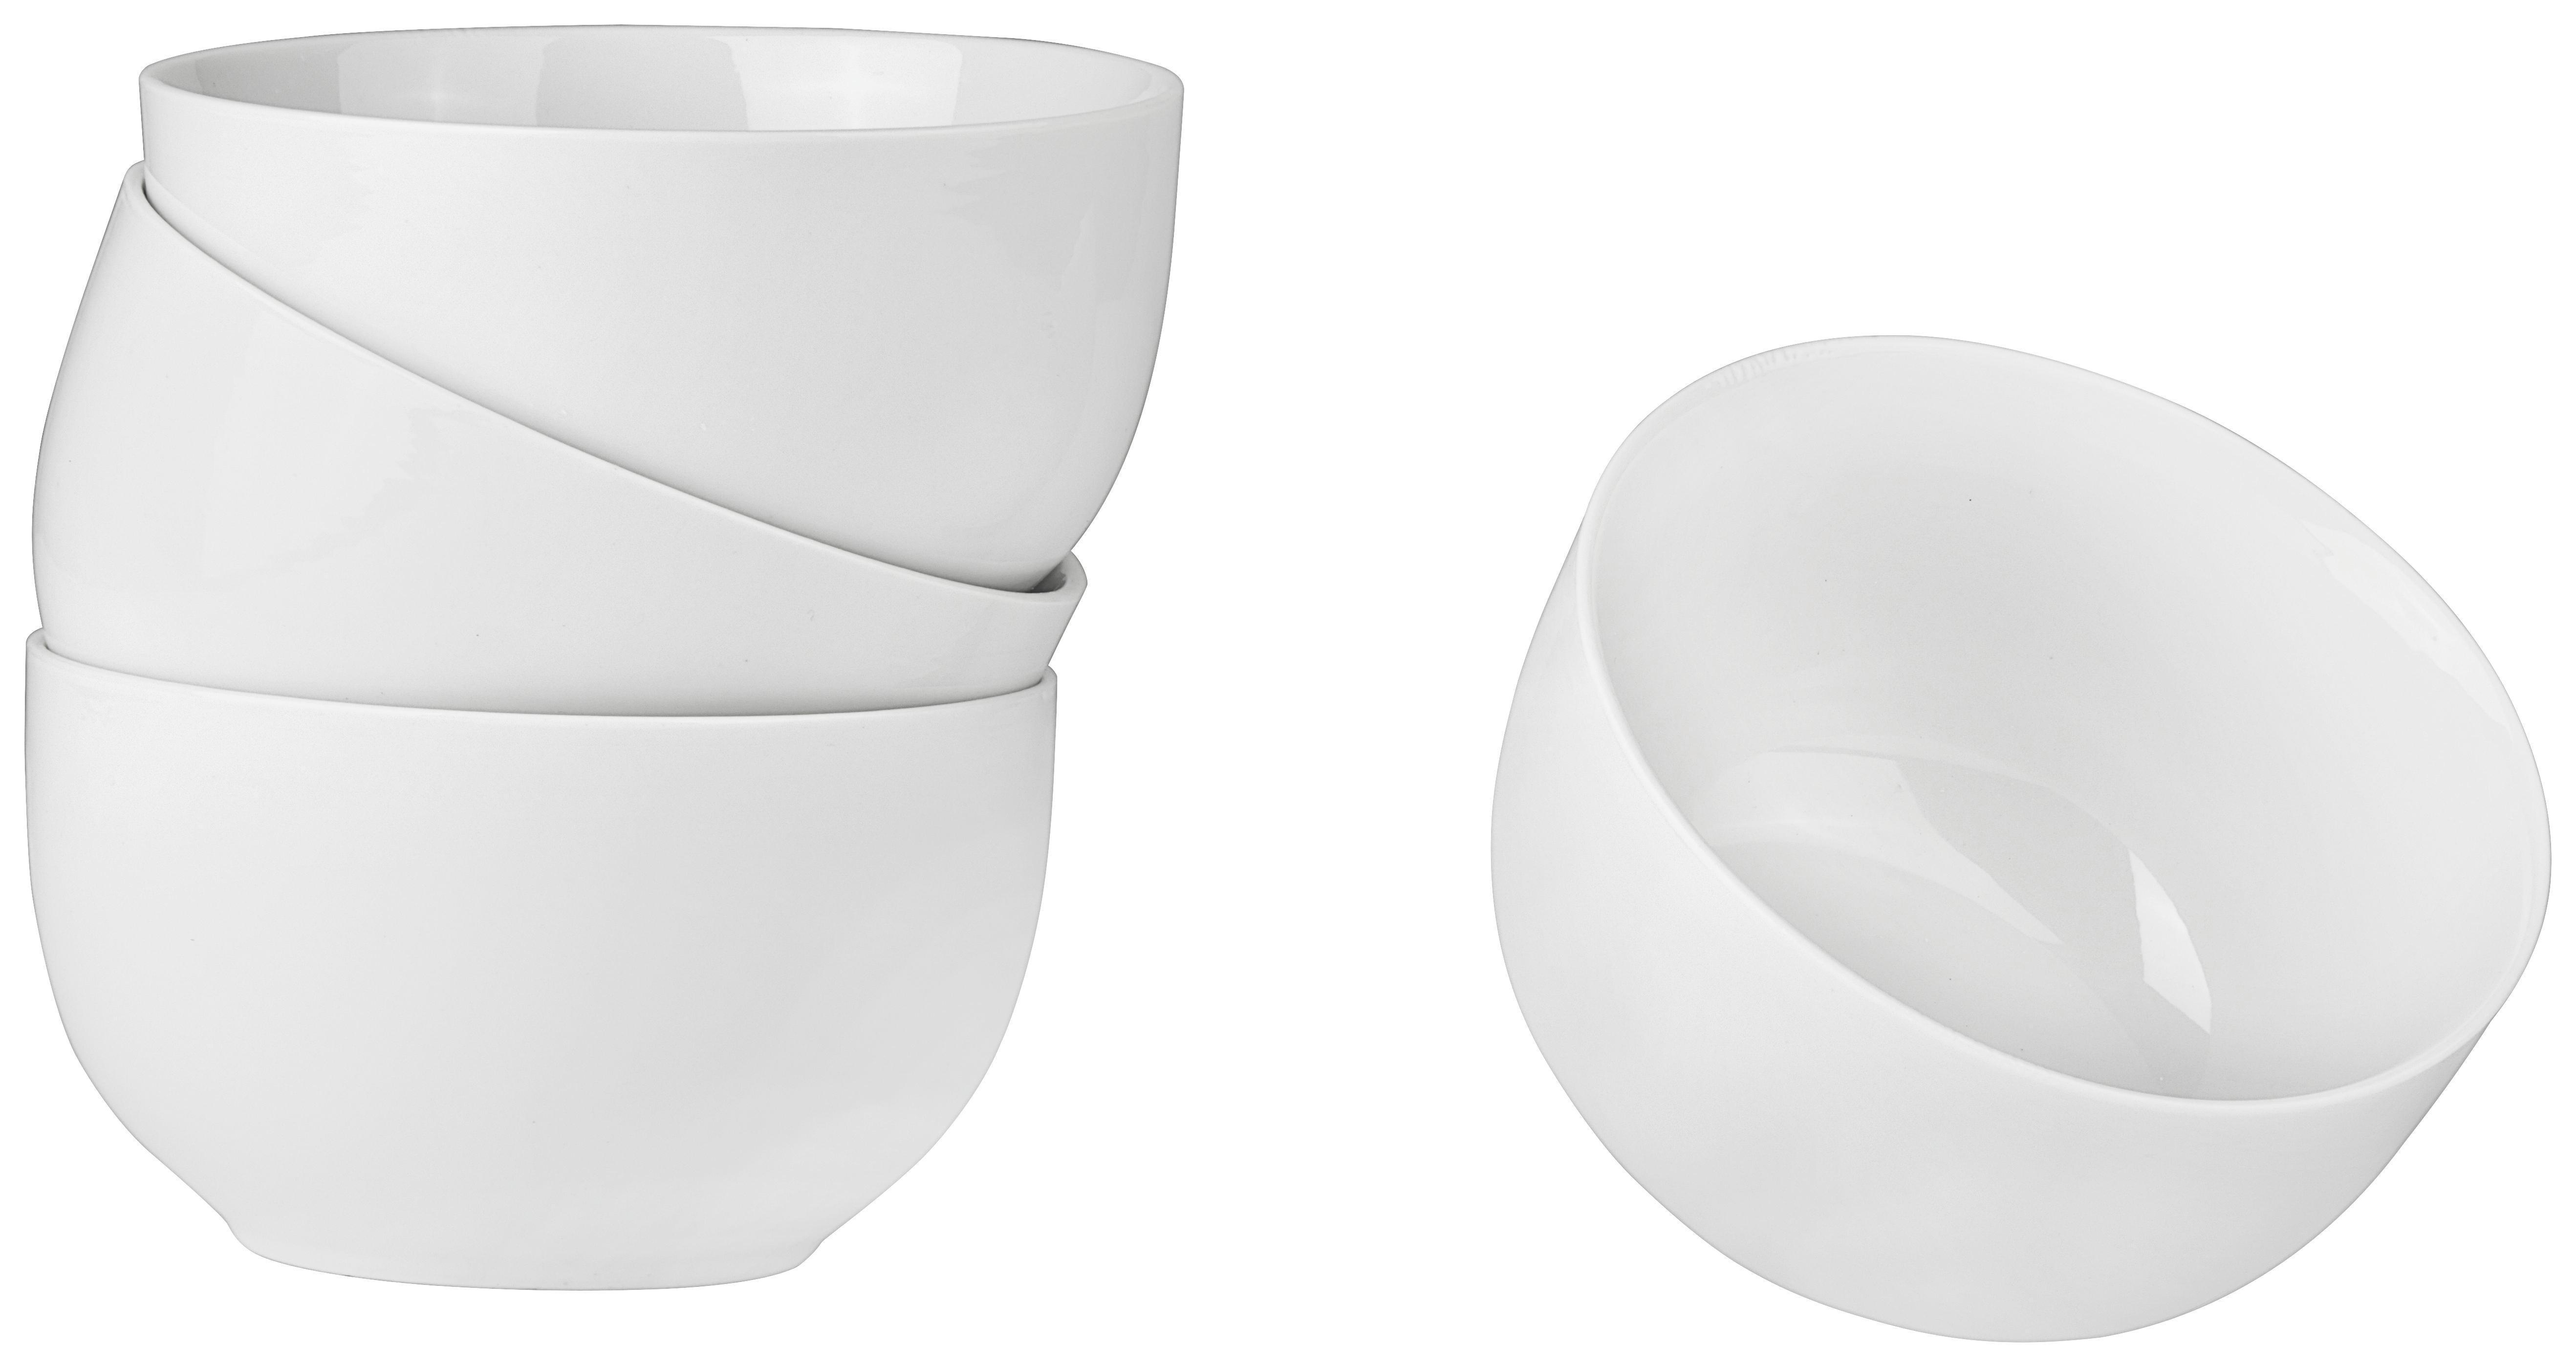 Skodelica Za Kosmiče Billy - bela, Moderno, keramika (13/7,4cm) - MÖMAX modern living